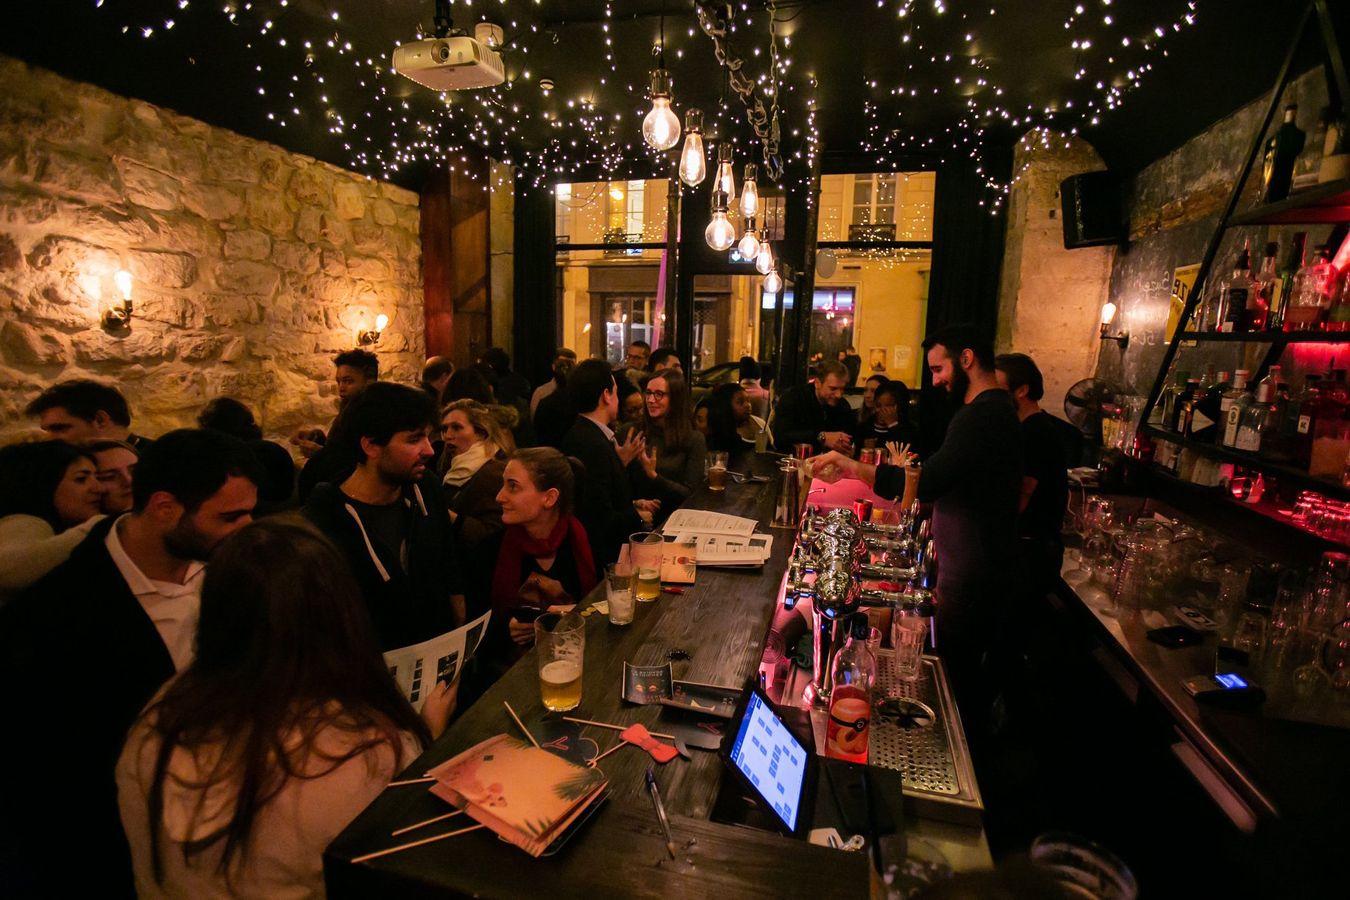 les bars sont meilleurs que les rencontres en ligne